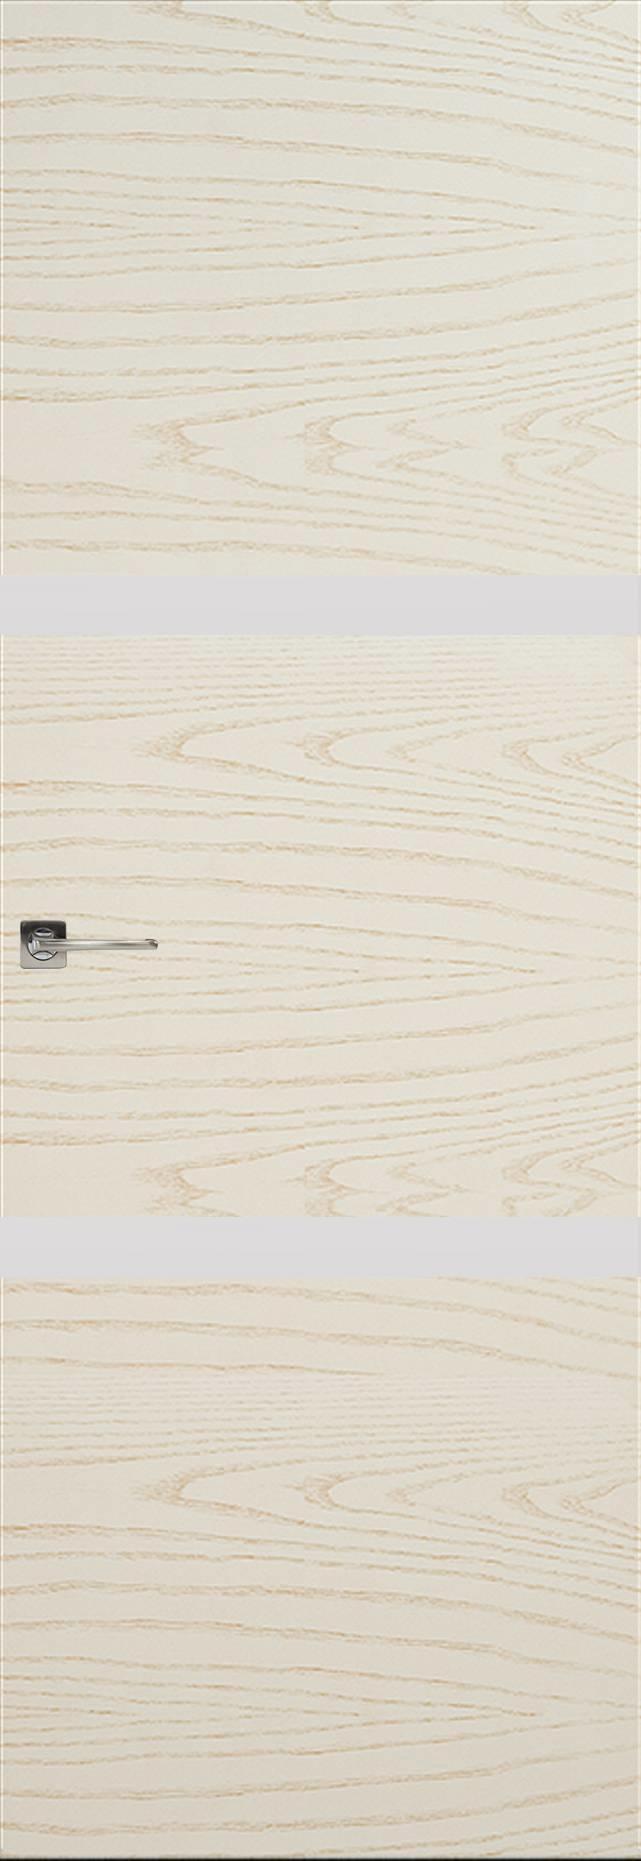 Tivoli В-4 Invisible цвет - Ясень бежевая эмаль Без стекла (ДГ)